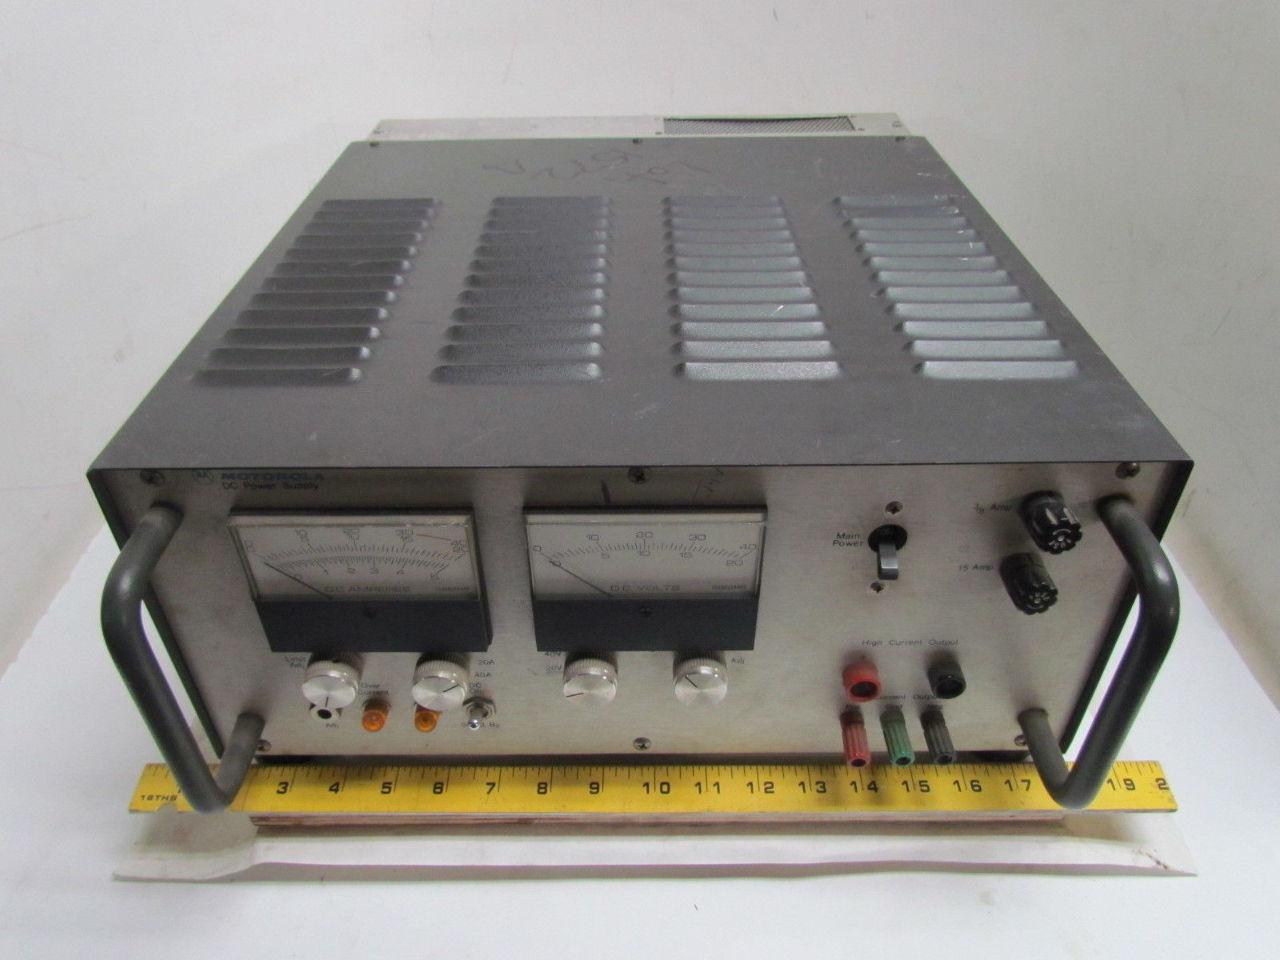 5 Volt Analog Meter : Motorola r aa dual analog meter dc power supply